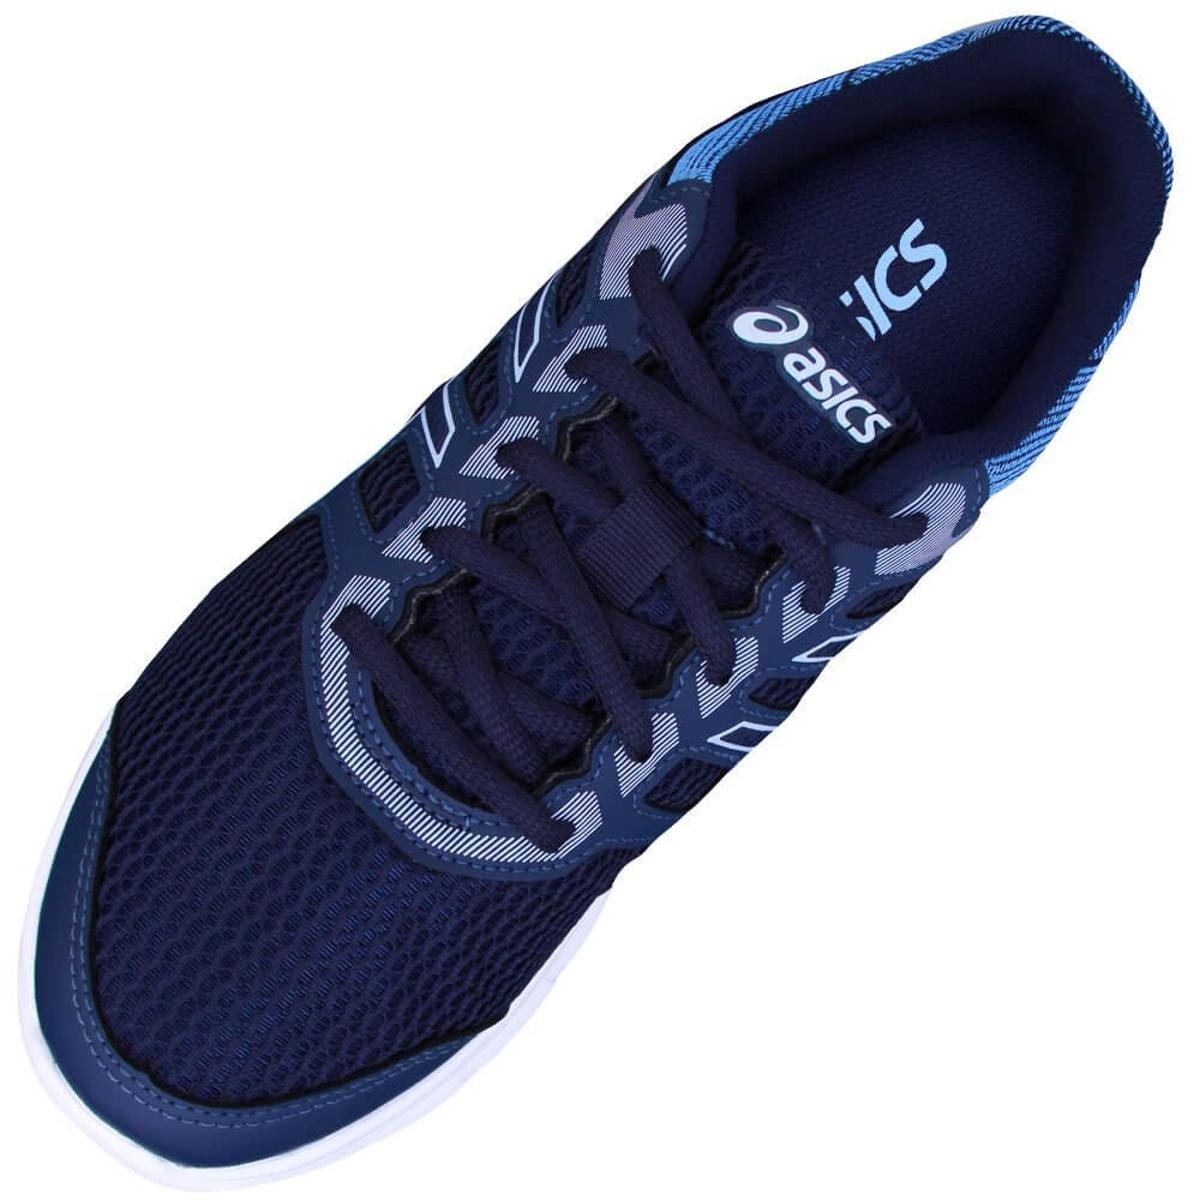 c1e89e1fb69 tênis asics gel excite 5 azul marinho feminino. Carregando zoom.